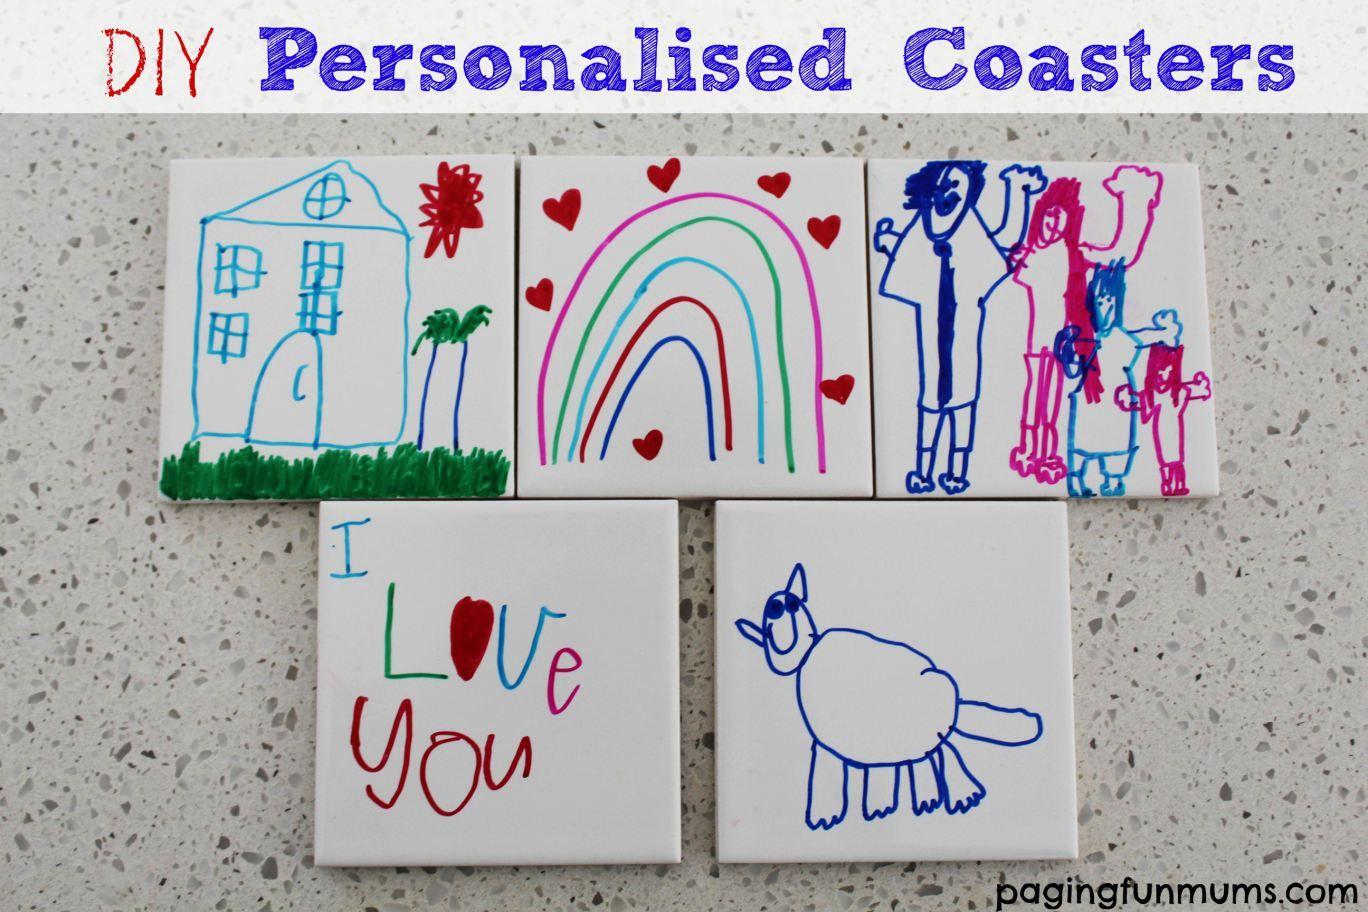 DIY Personalised Coasters